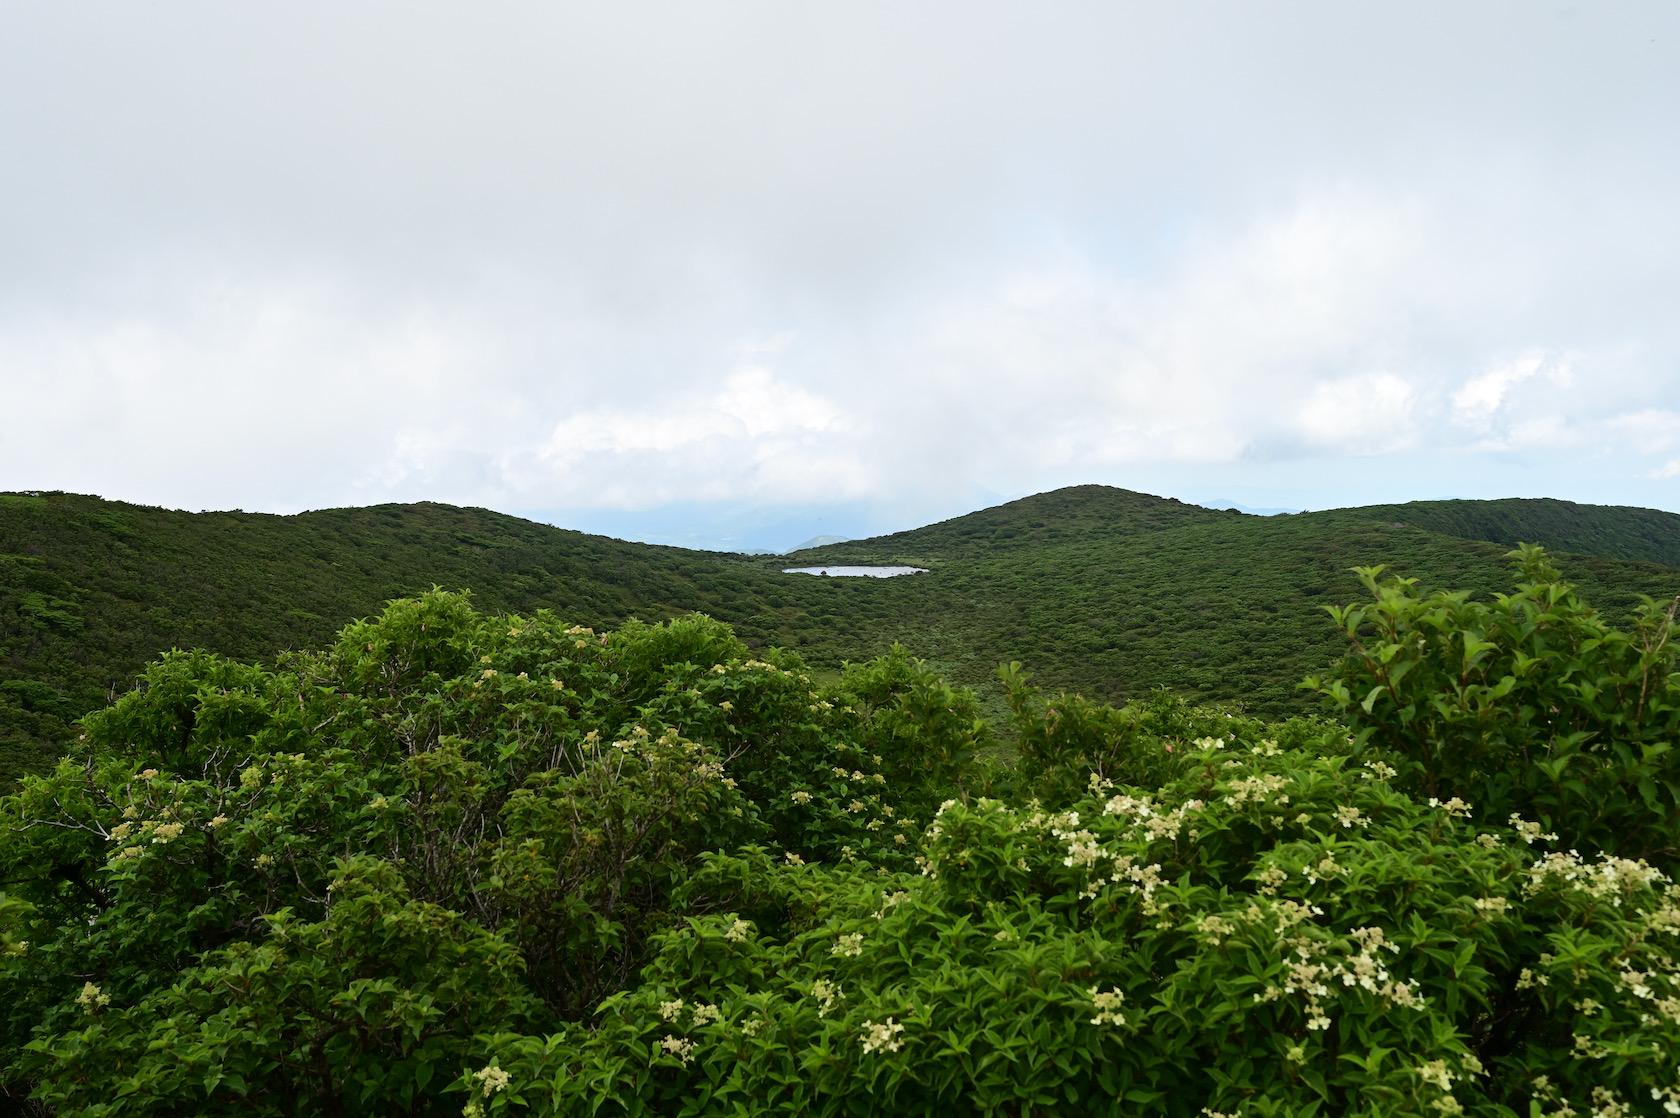 北大船山から平治岳方面に見える池